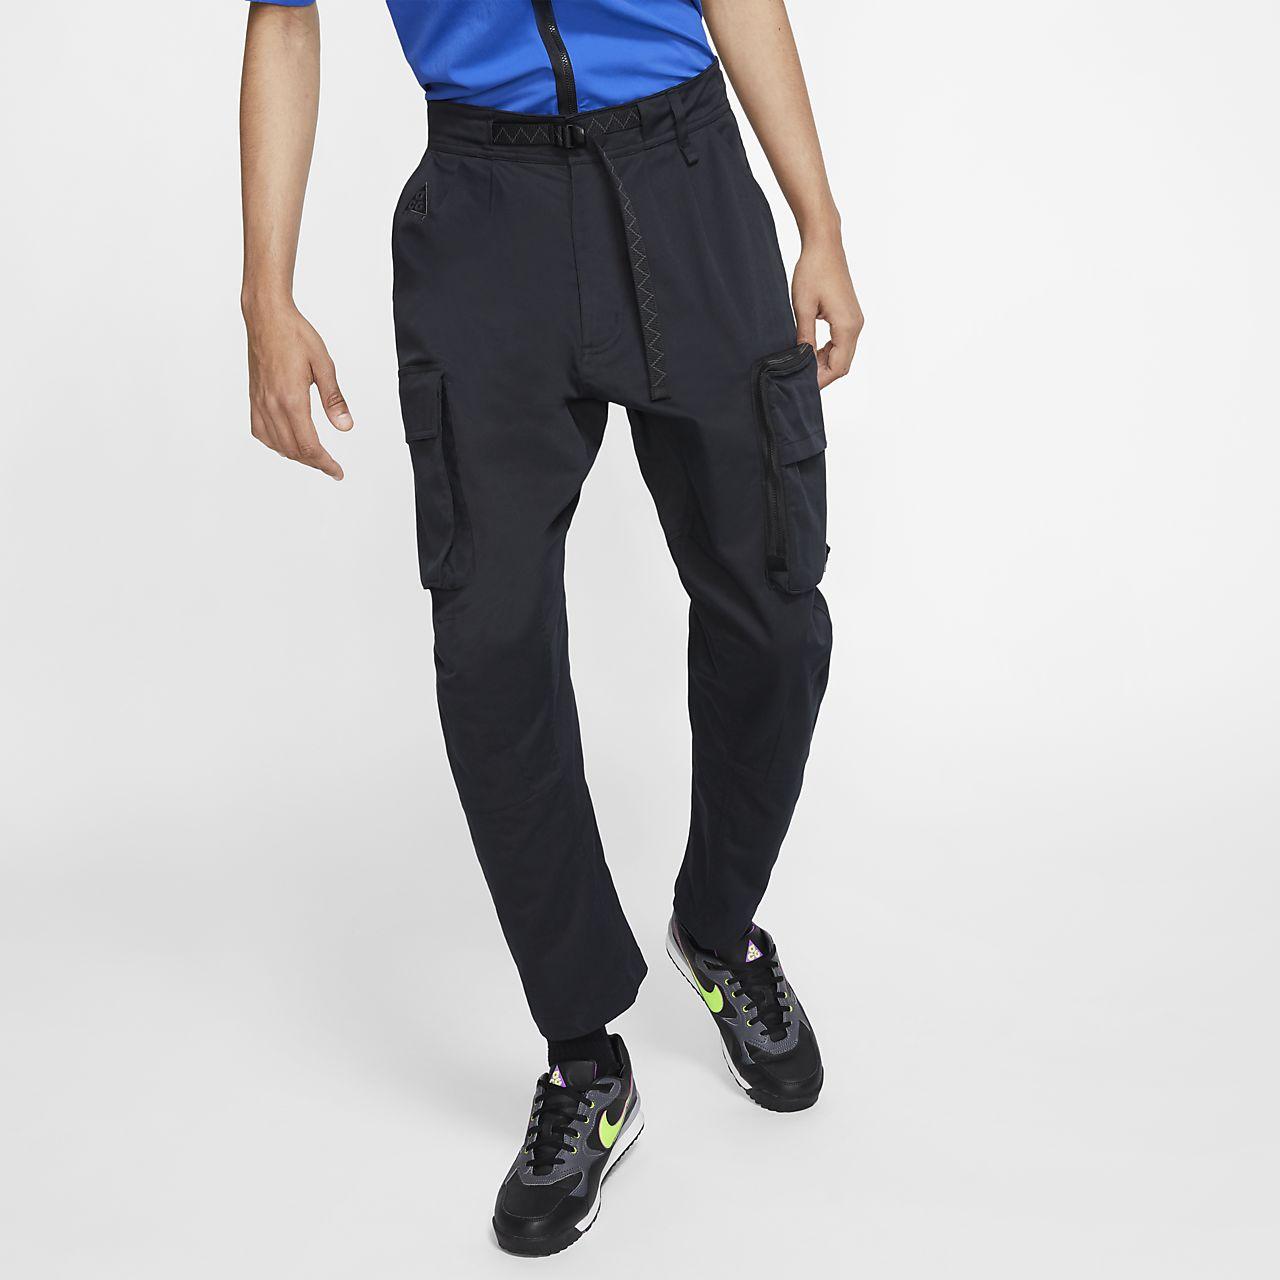 กางเกงคาร์โก้ผู้ชายแบบทอ Nike ACG